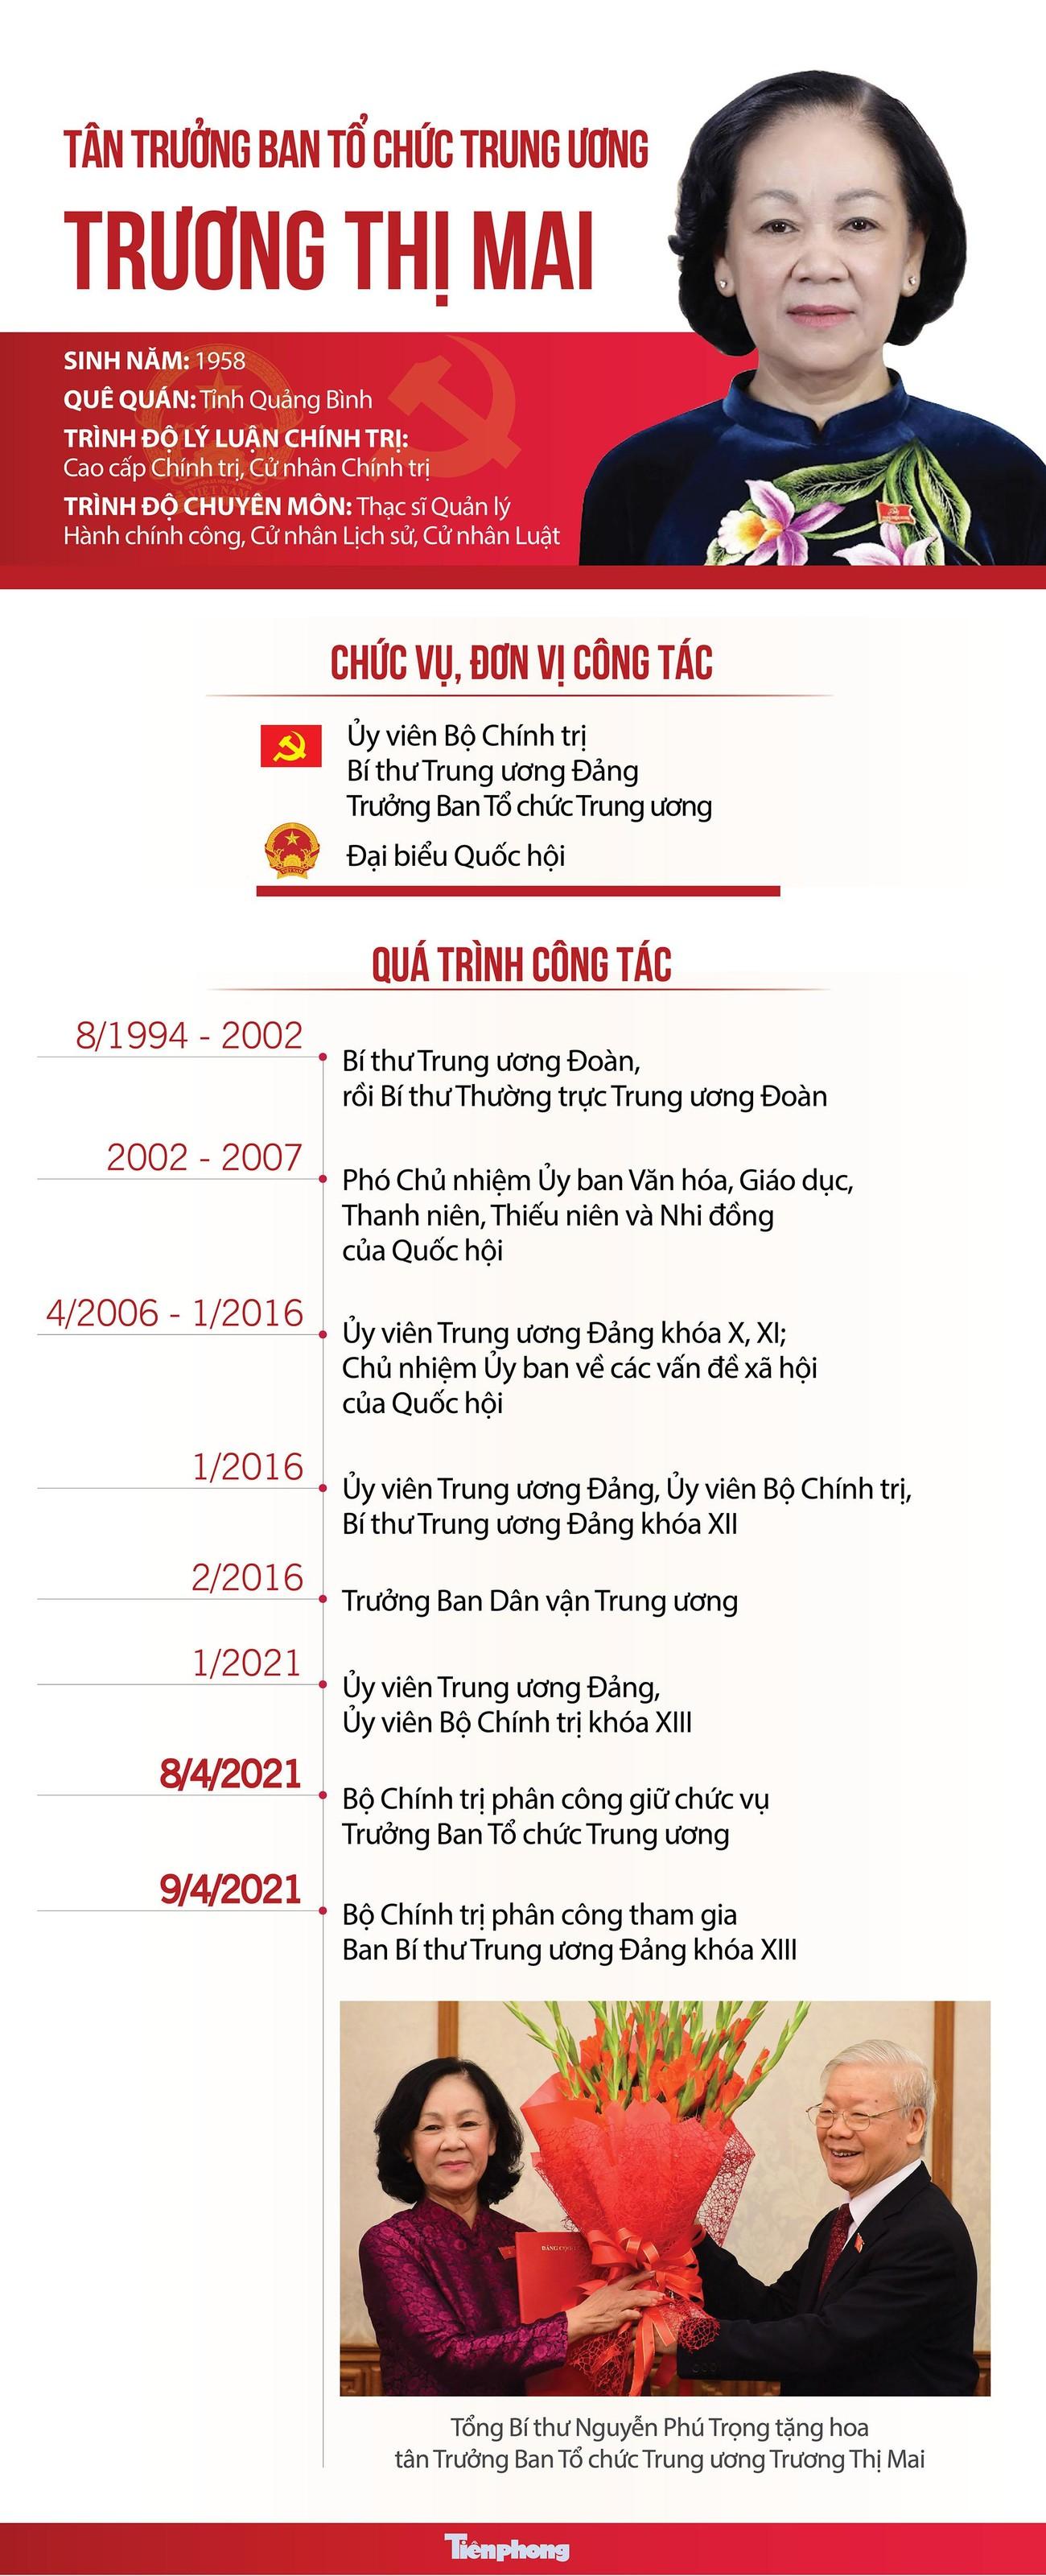 Chân dung Trưởng Ban Tổ chức Trung ương Trương Thị Mai ảnh 1